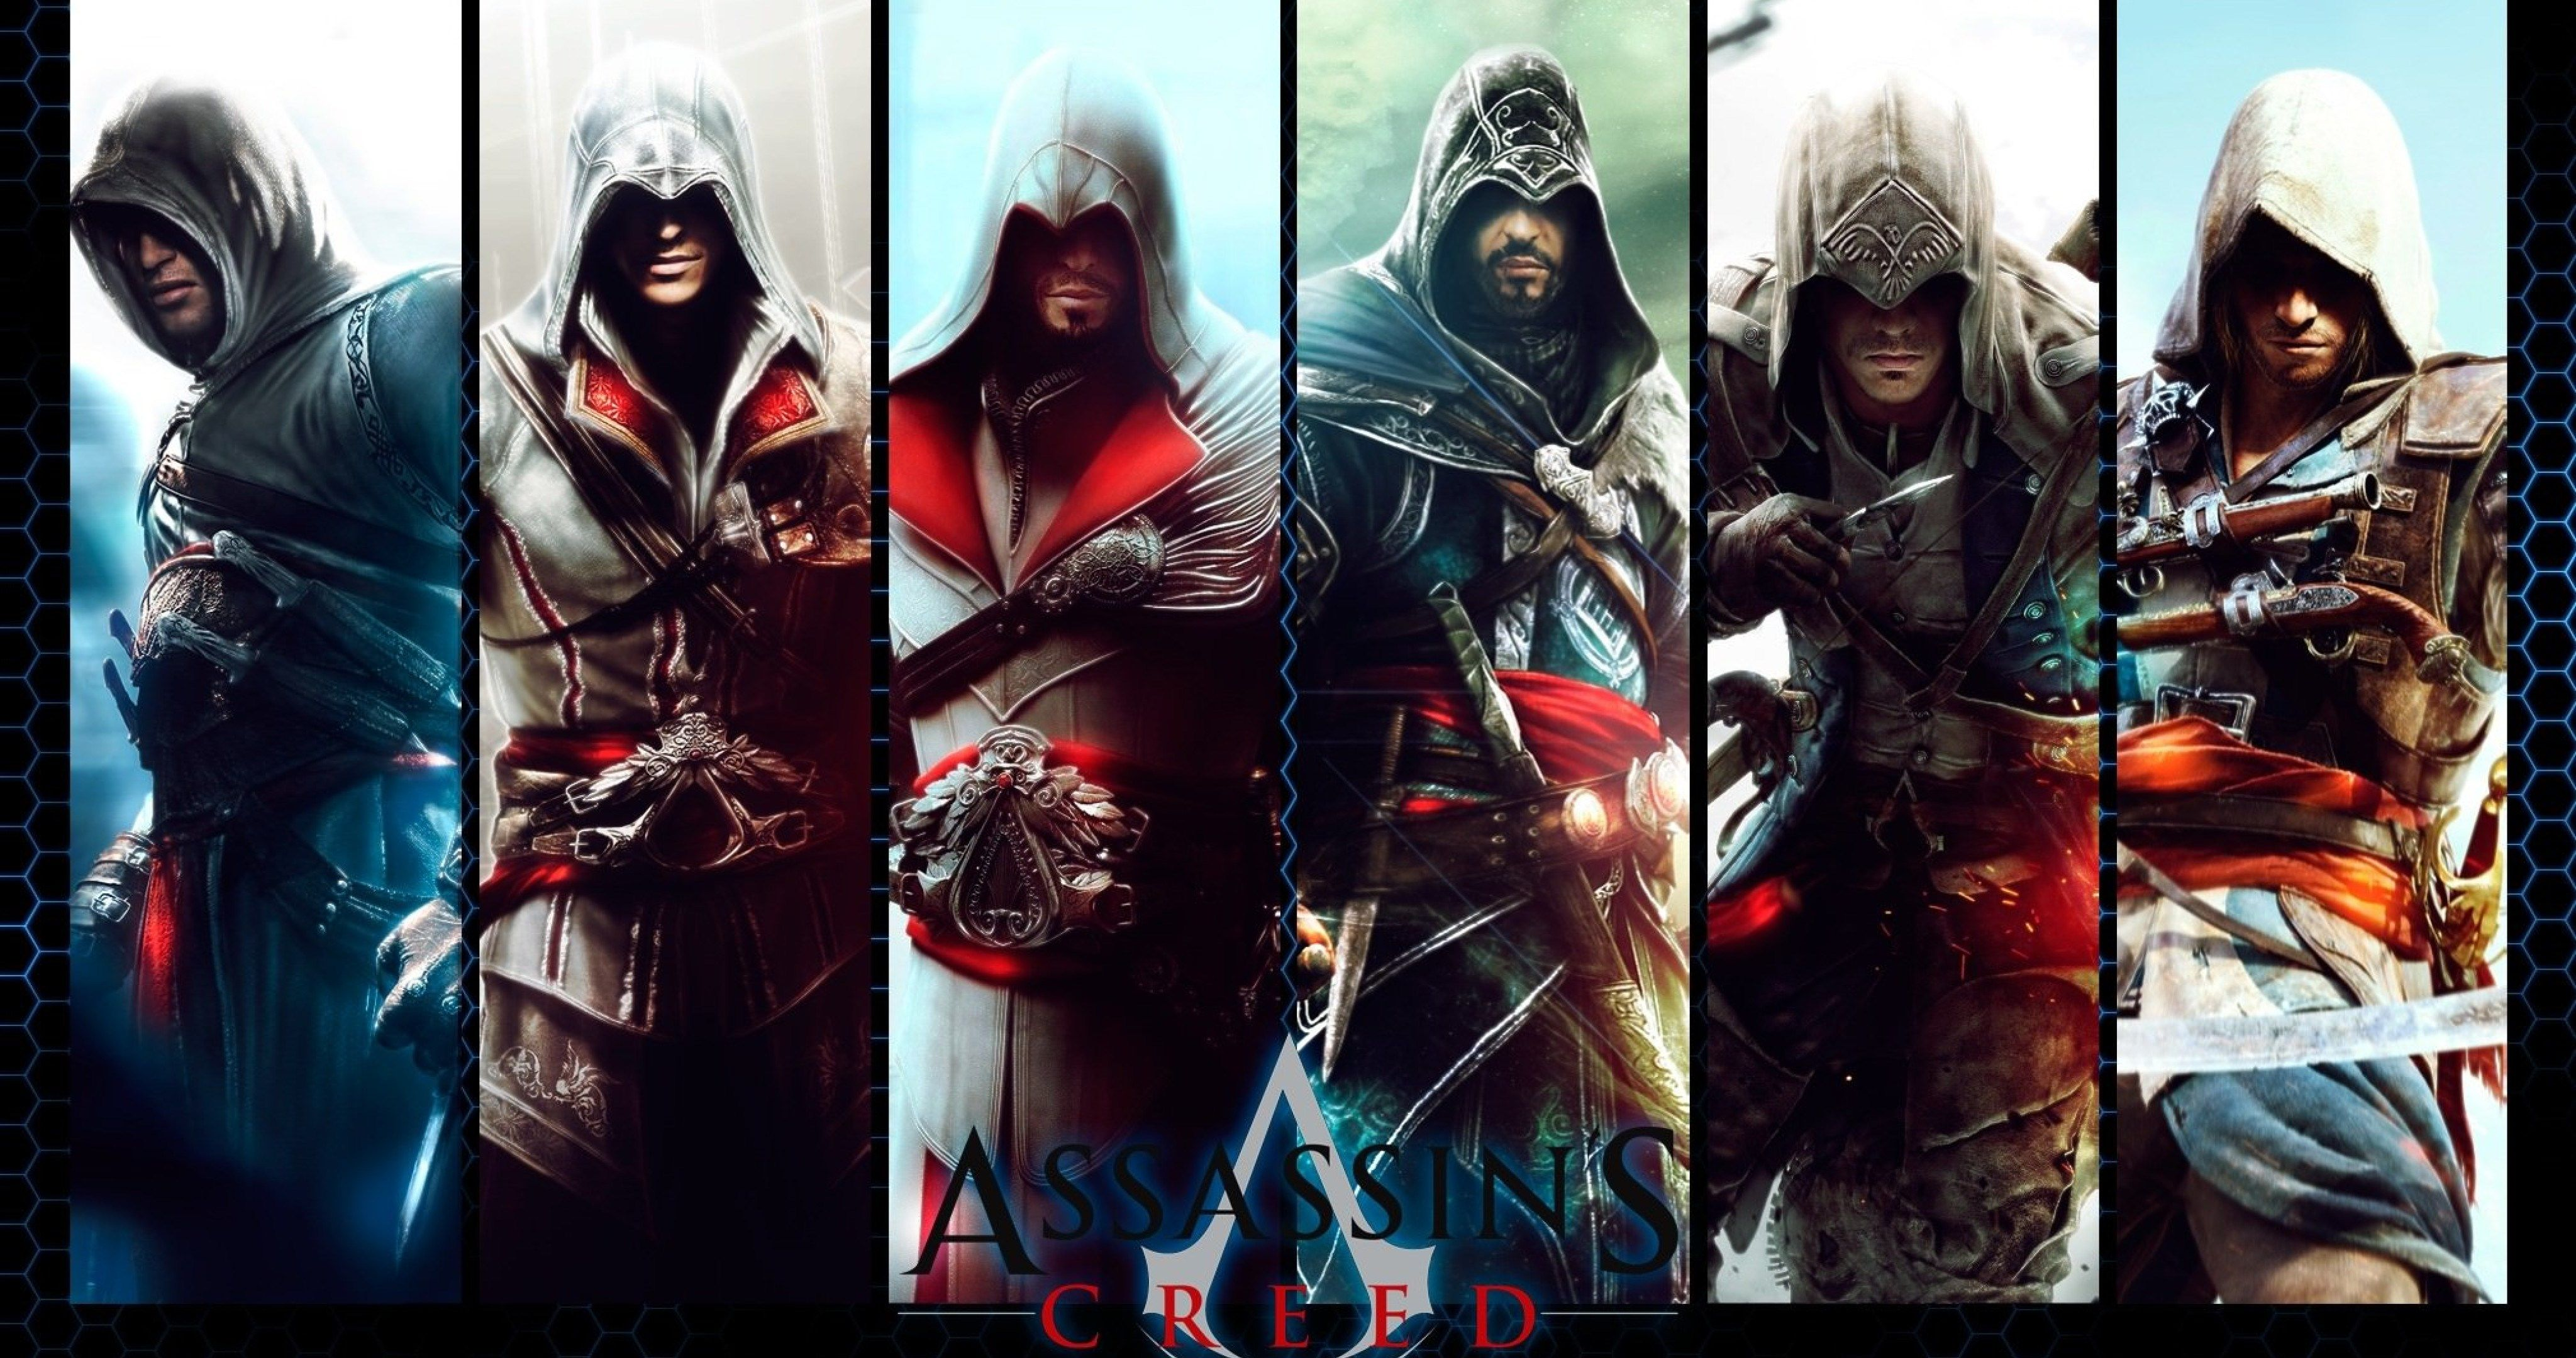 Assassins creed origins обои на рабочий стол 1920х1080 1